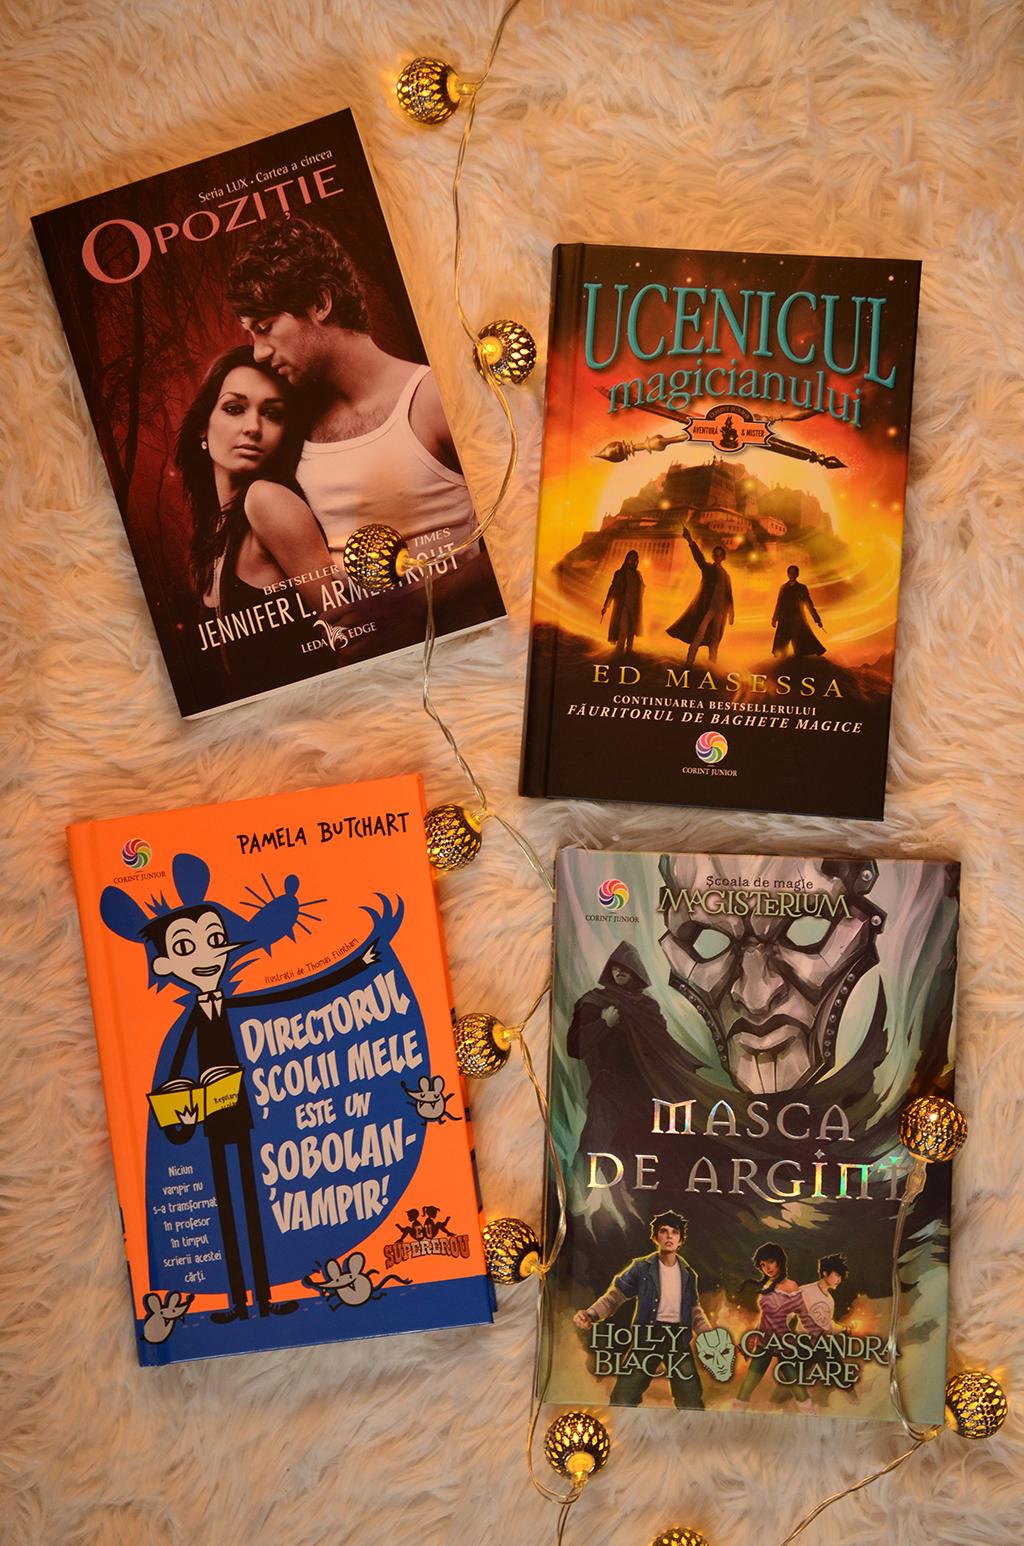 noutati carti corint junior magisterium opozitie lux ucenicul magicianului directorul scolii mele este un sobolan vampir